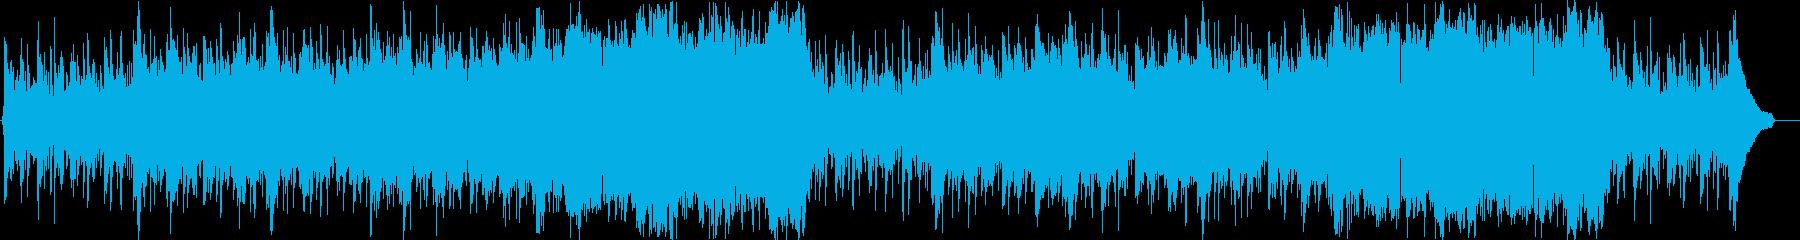 企業VPや映像69、オーケストラ、壮大aの再生済みの波形